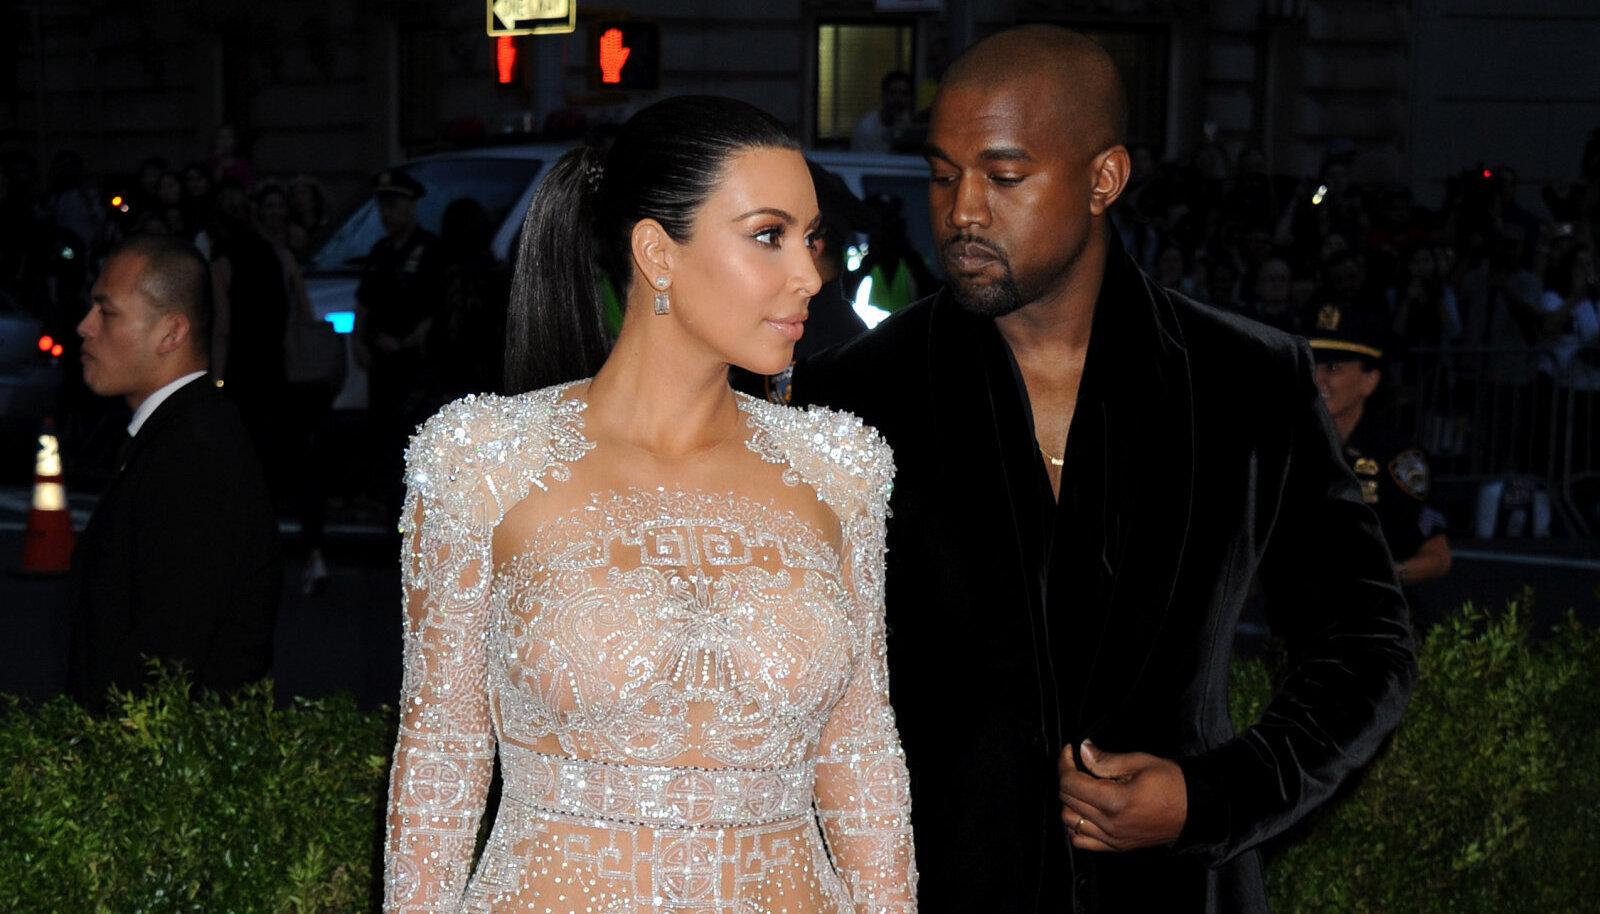 Paberite järgi on staarpaari rikkam osapool West, kelle varade väärtus küündib 1,3 miljardi dollarini. Kardashiani väärtuseks on umbkaudselt täpselt poole vähem.